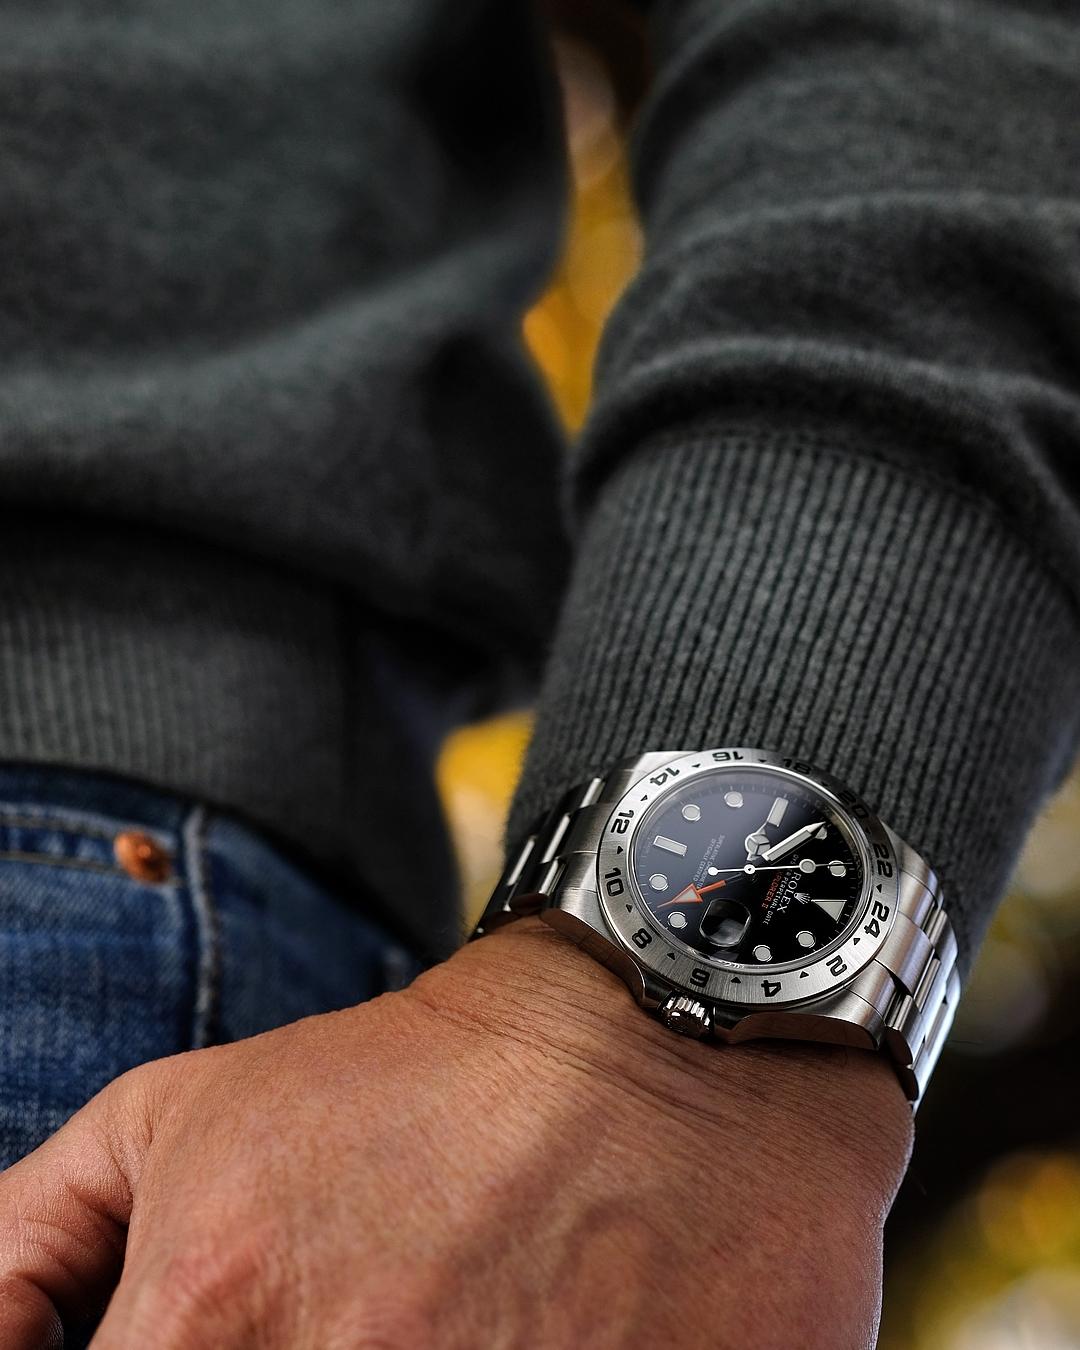 Rolex Explorer II review